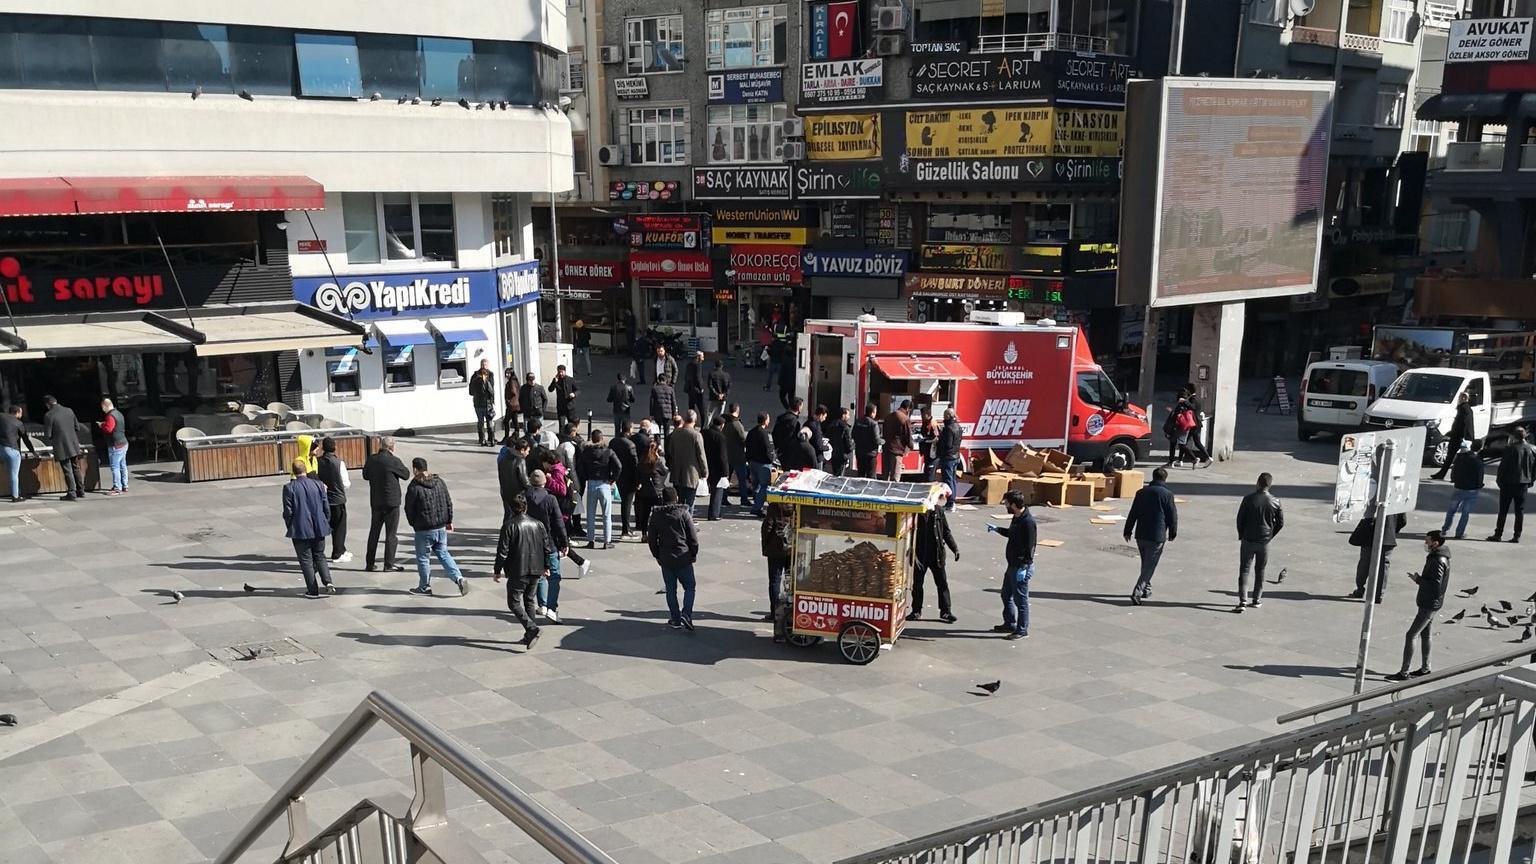 Şirinevler Meydanı'nda İBB mobil büfesi önünde kuyruk oluştu.